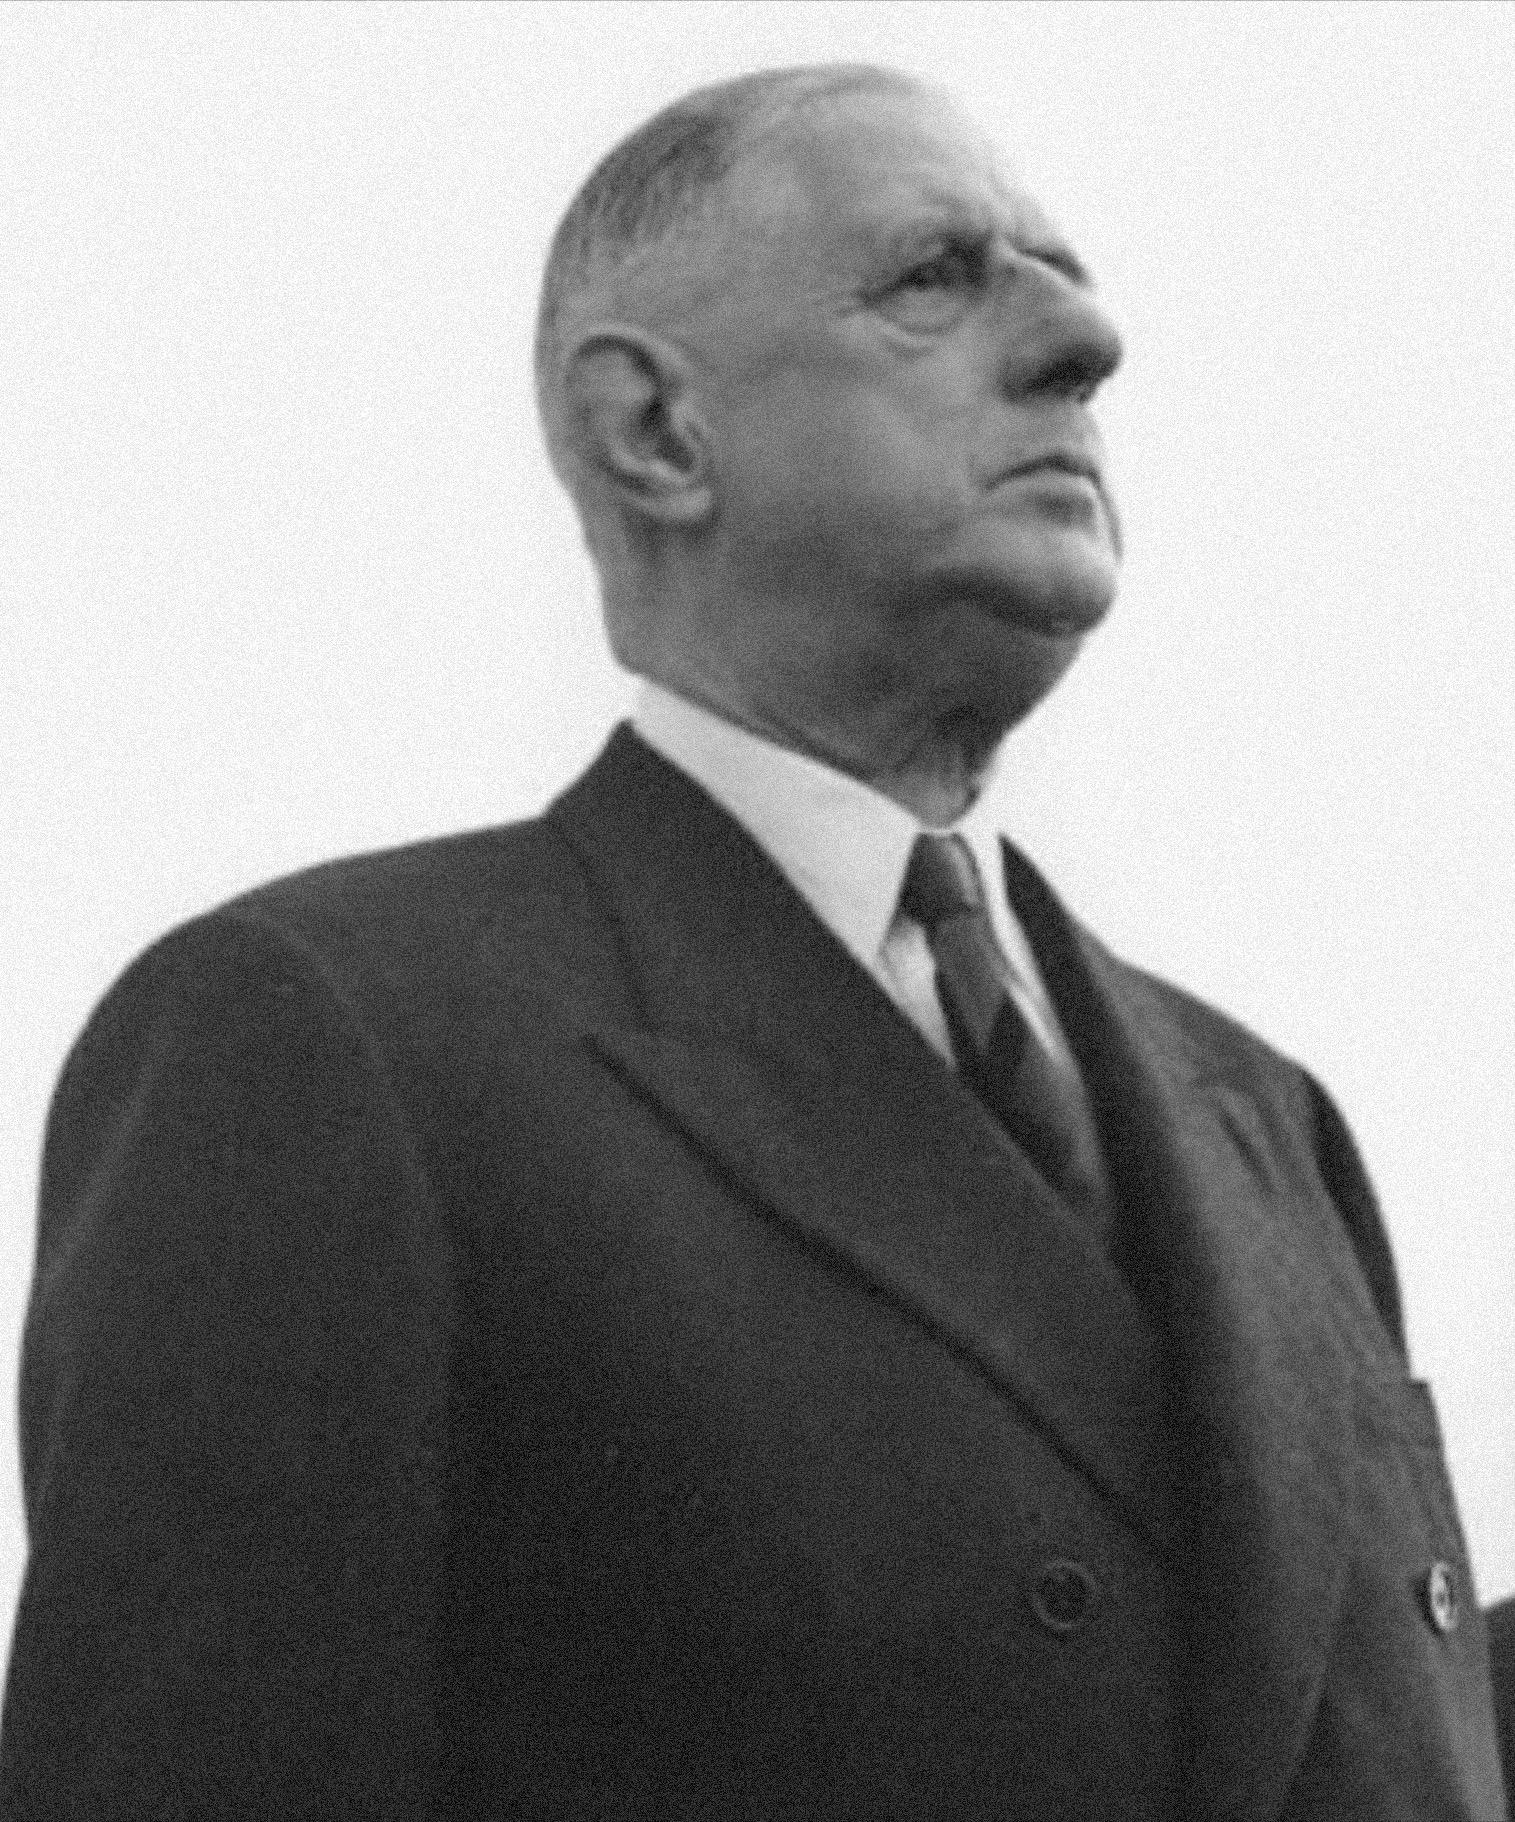 シャルル・ド・ゴール - Wikipedia